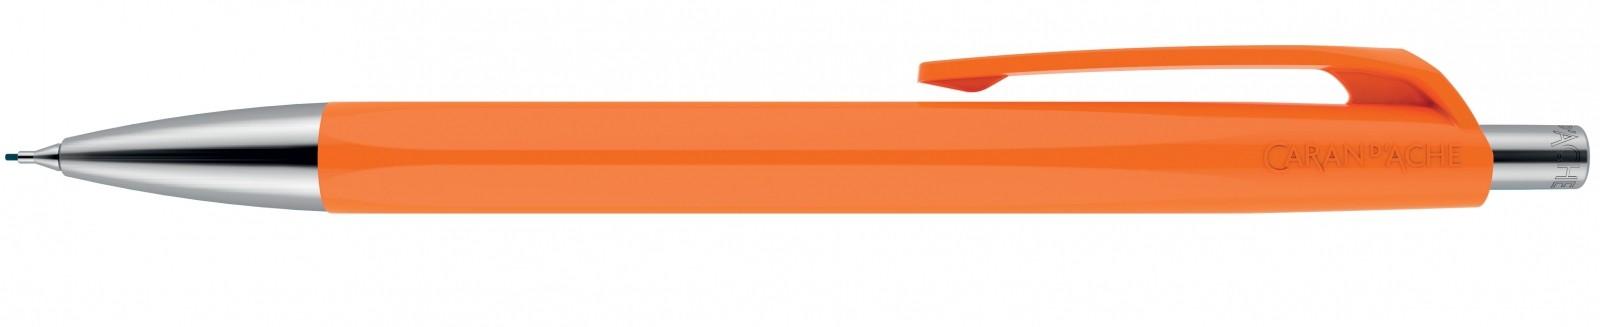 LAPISEIRA 0,7mm 884.030 INFINITE LARANJA